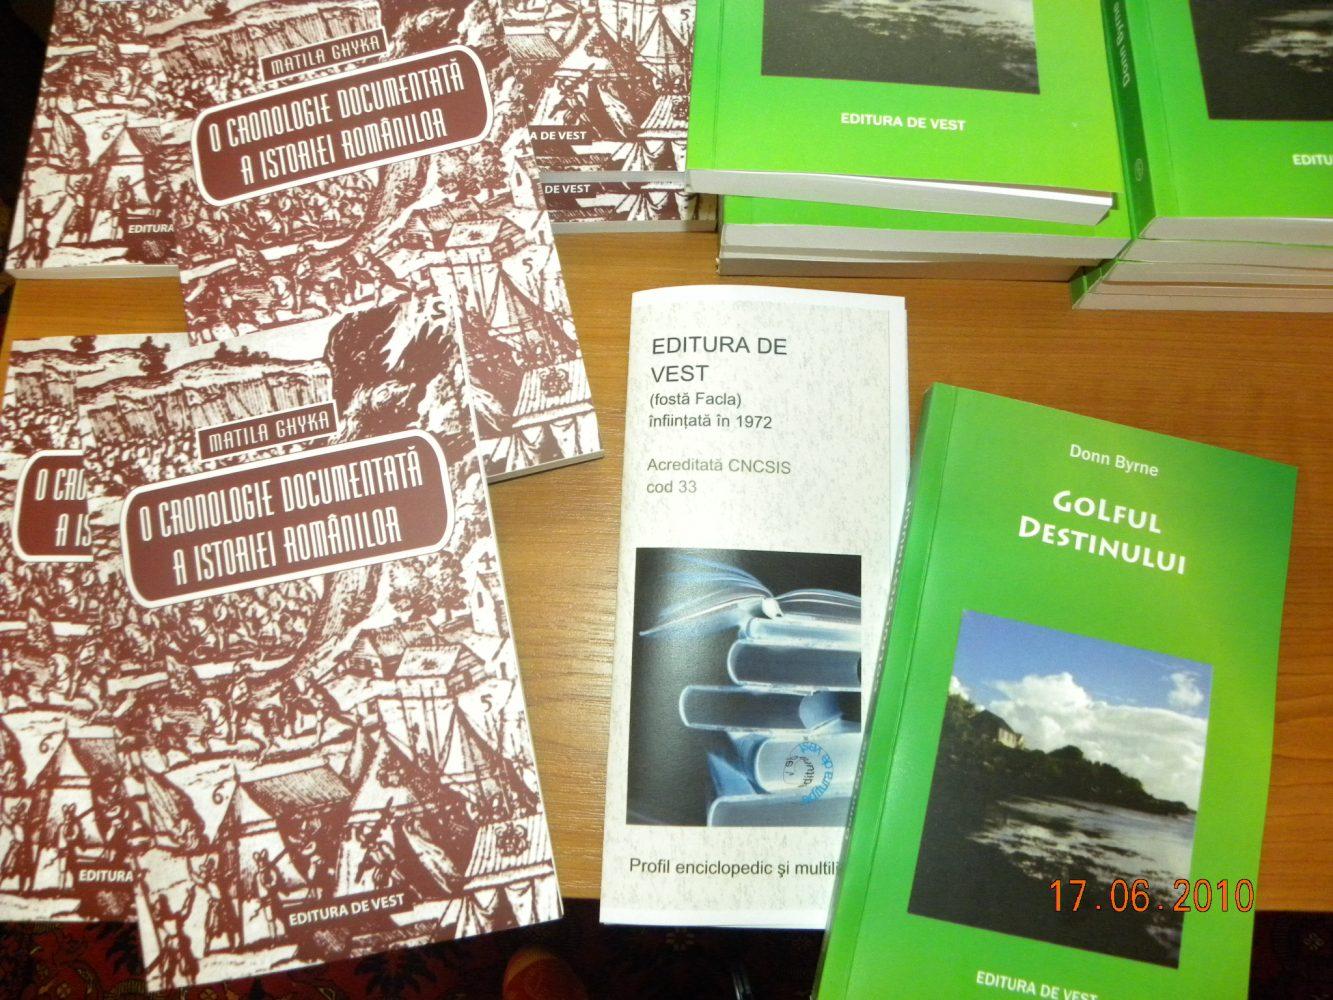 """Lansarea lucrării """"O cronologie documentată a istoriei românilor"""" de Matila Ghyka"""